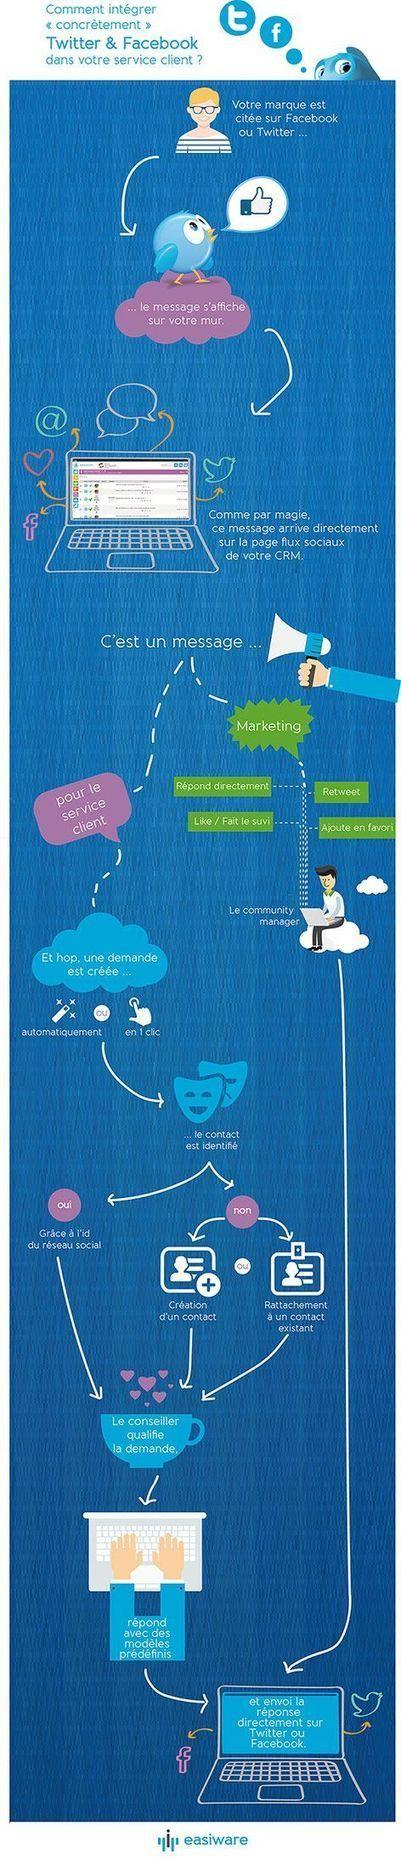 Comment intégrer concrètement Twitter & Facebook dans votre service client ?   Tourisme et Formation   Scoop.it